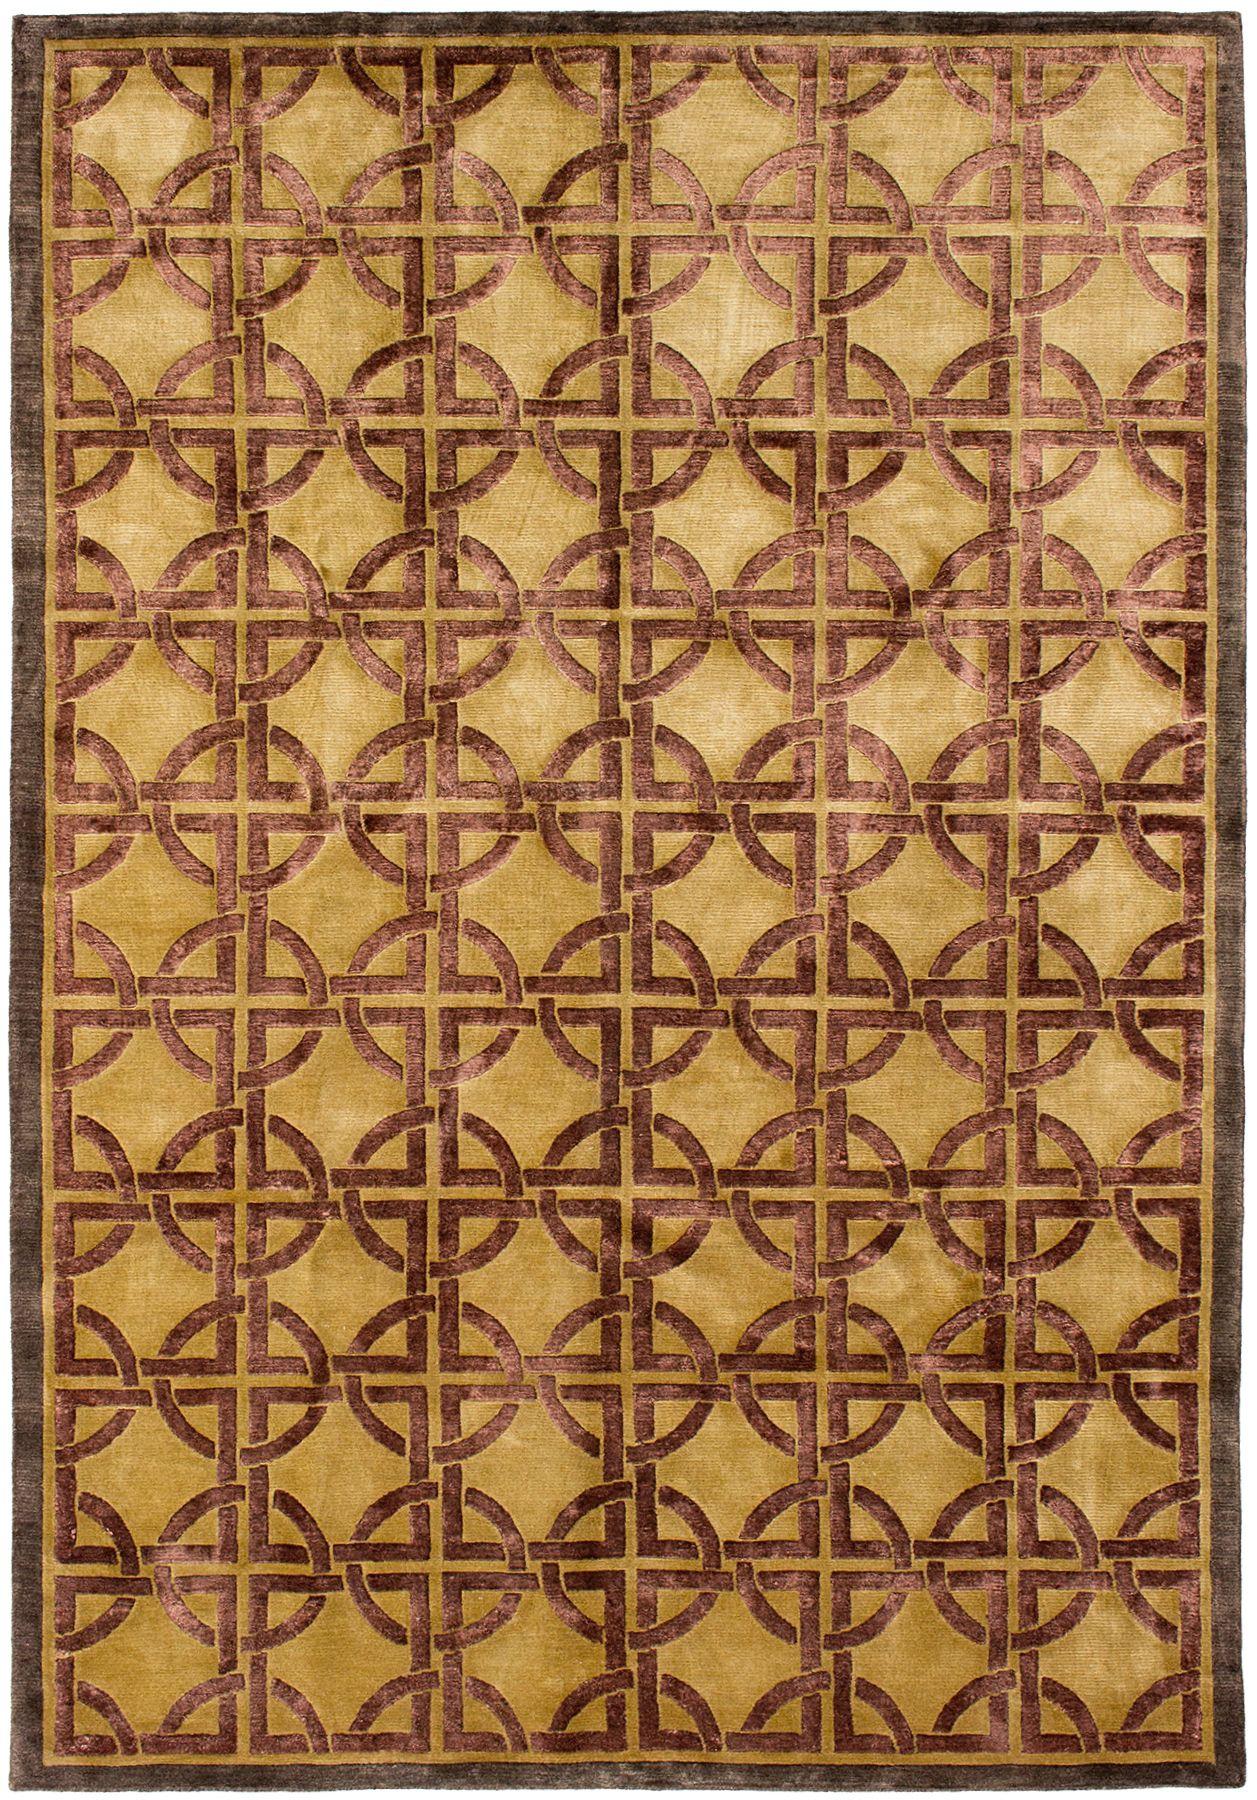 """Hand-knotted Silk Touch Dark Burgundy, Khaki Wool/Silk Rug 5'7"""" x 8'8"""" Size: 5'7"""" x 8'8"""""""